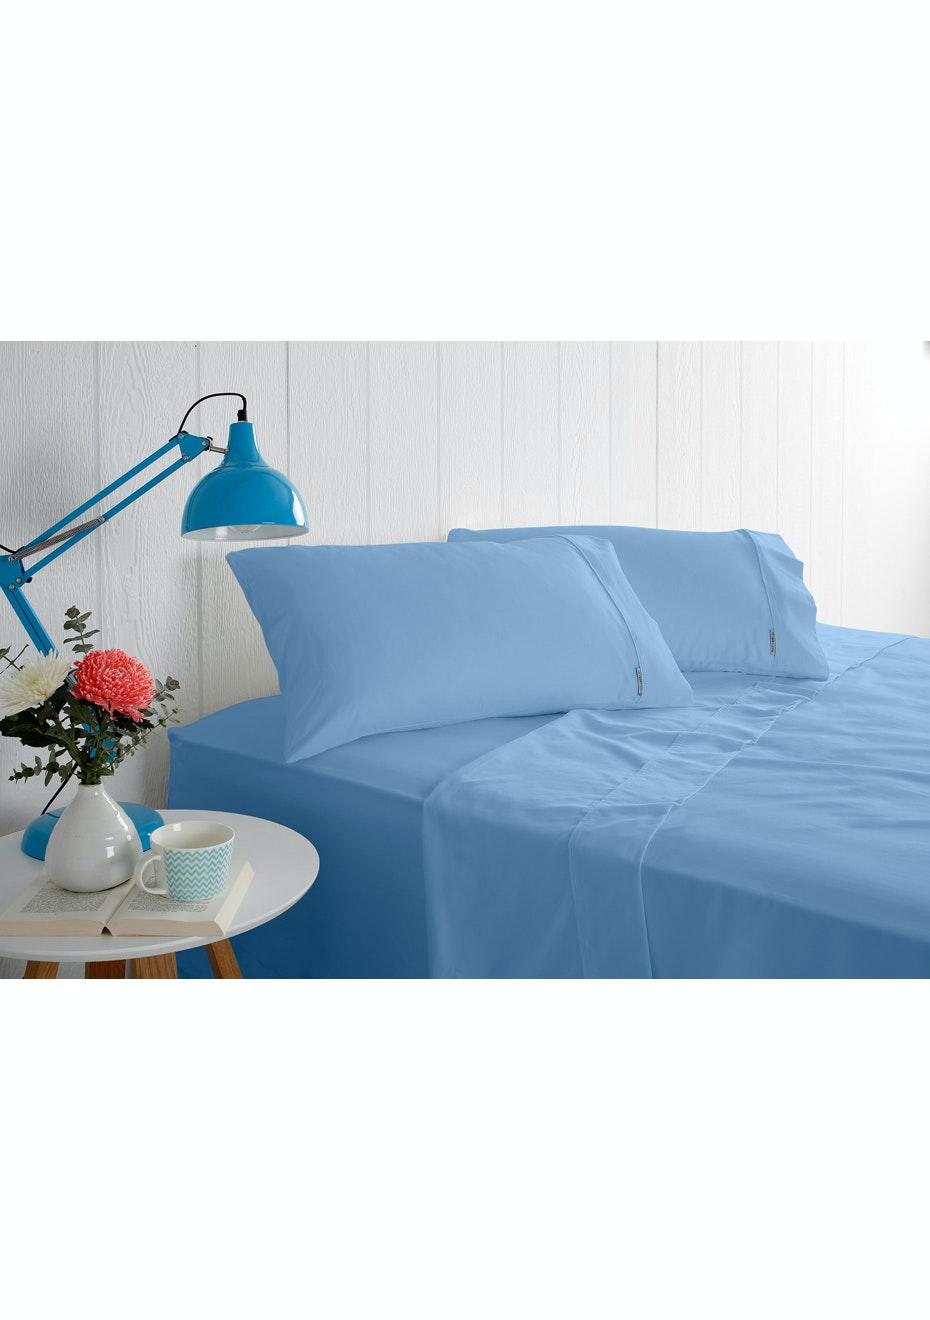 Odyssey Living 1000 Thread Count – Cotton Rich Sheet Sets - Bluebird - Queen Bed